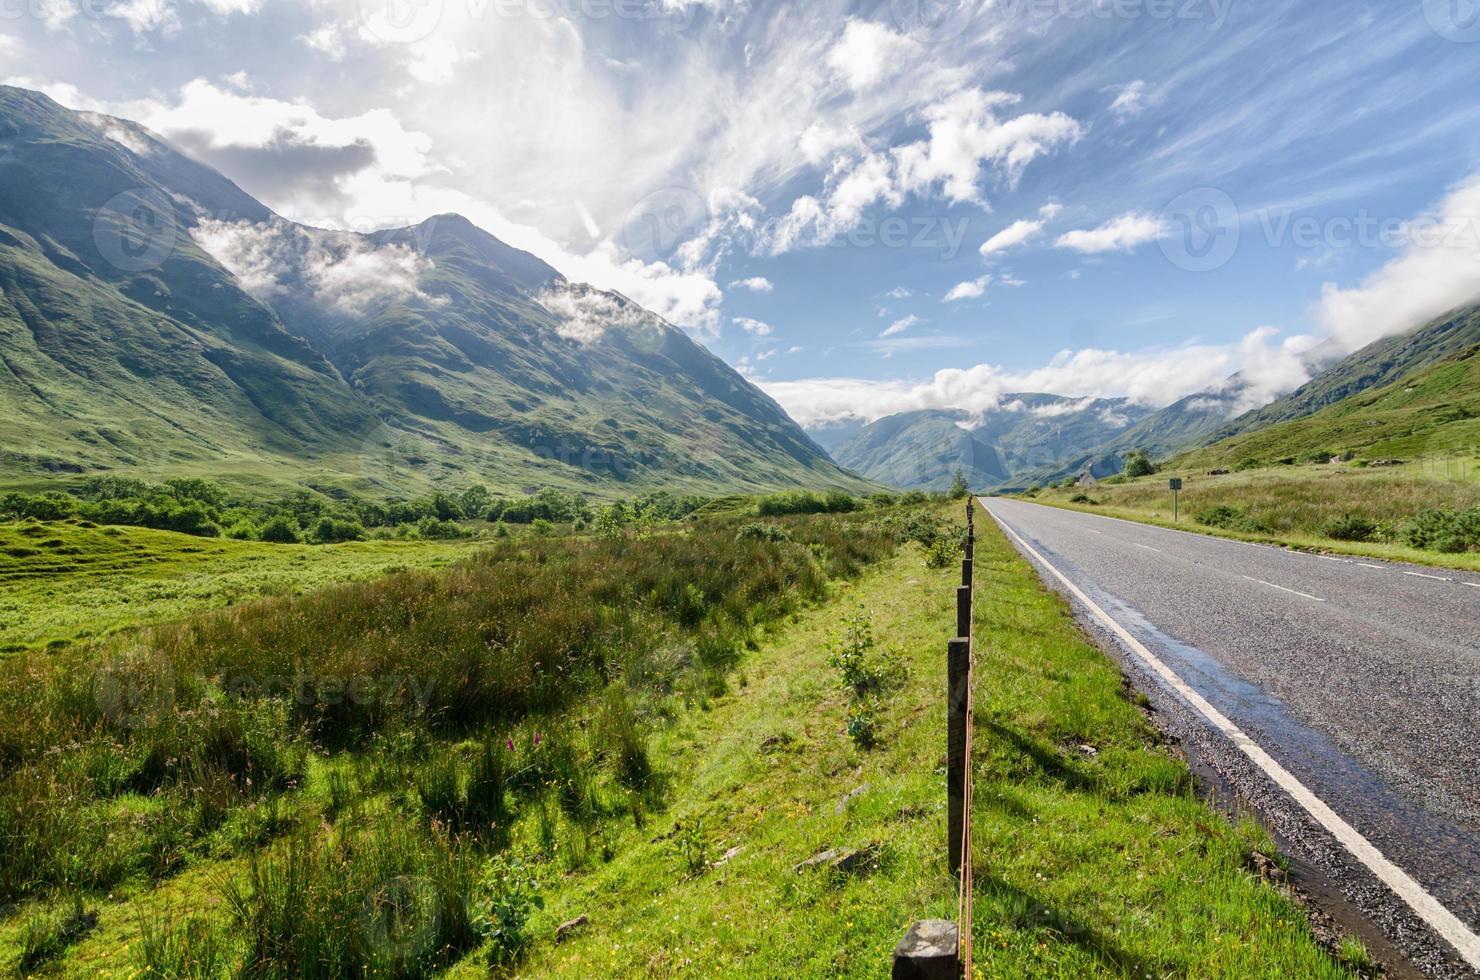 paysage des montagnes écossaises photo